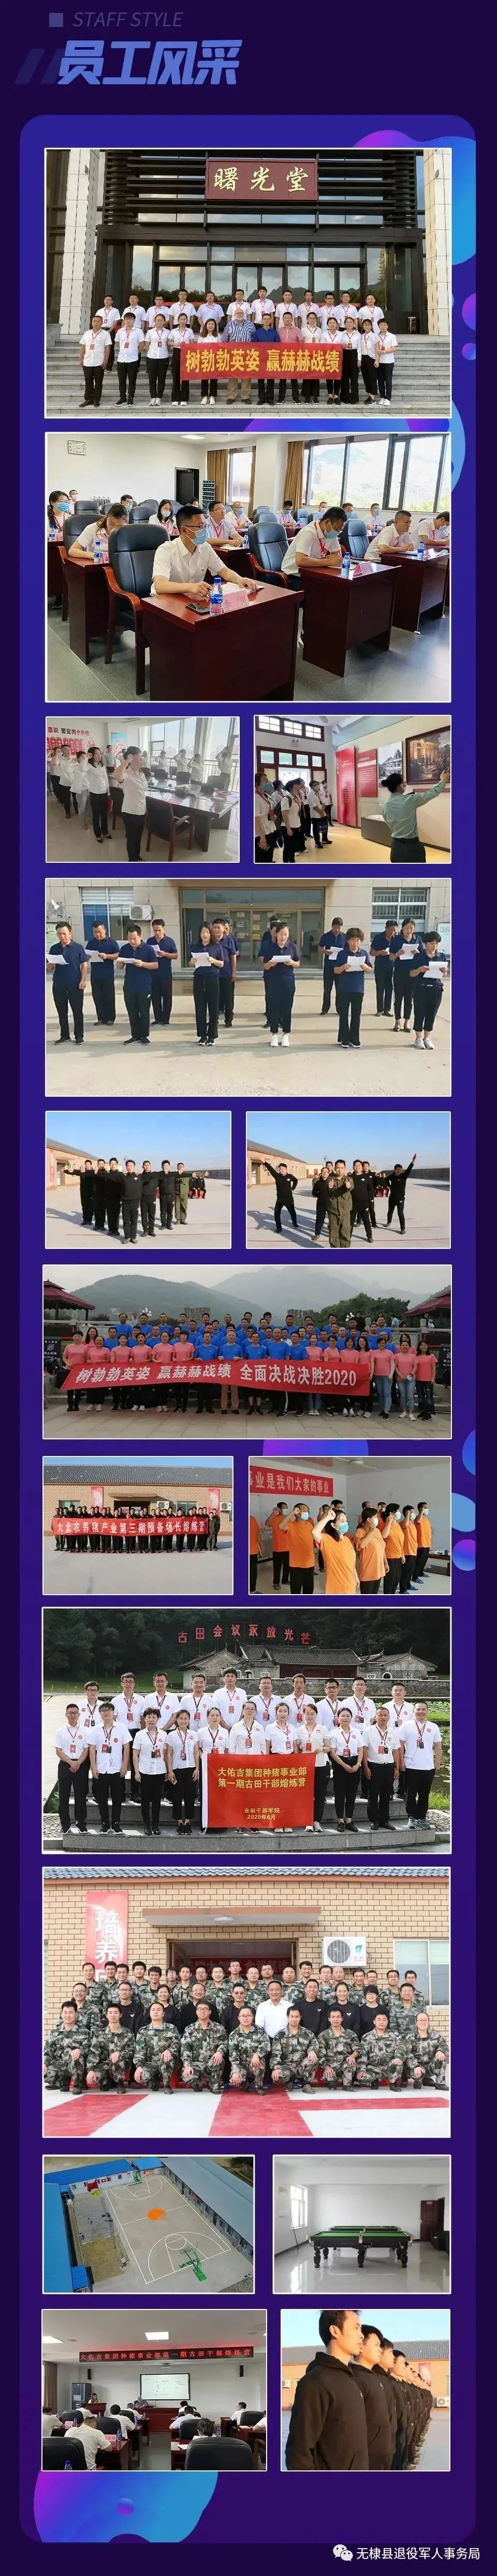 招聘 | 大北农荣昌育种公司退役军人专场